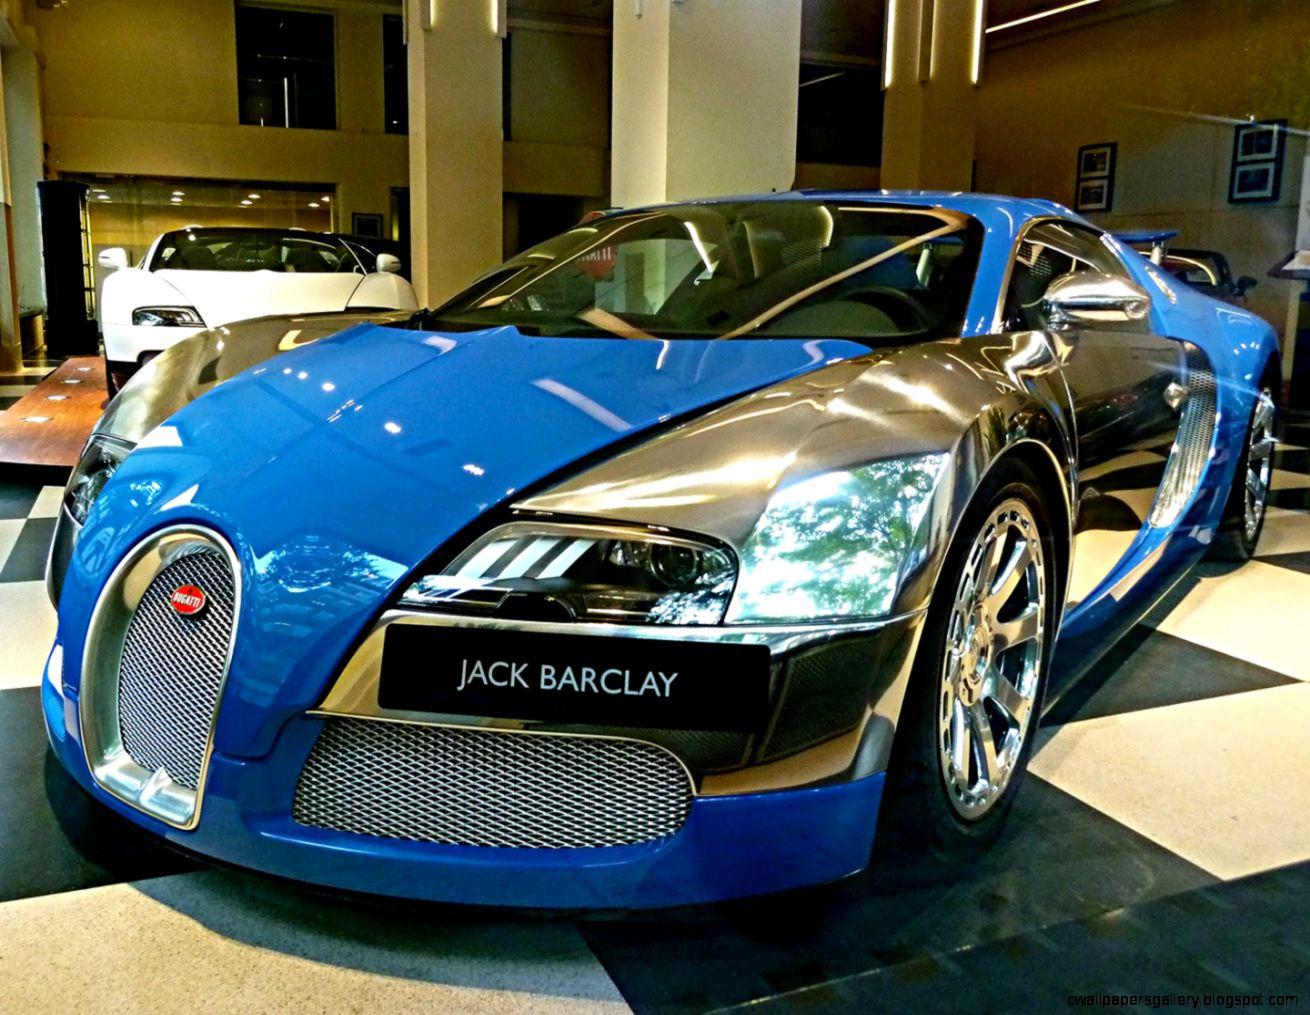 Blue Bugatti Veyron Super Sport Wallpaper: Most Expensive Bugatti In The World